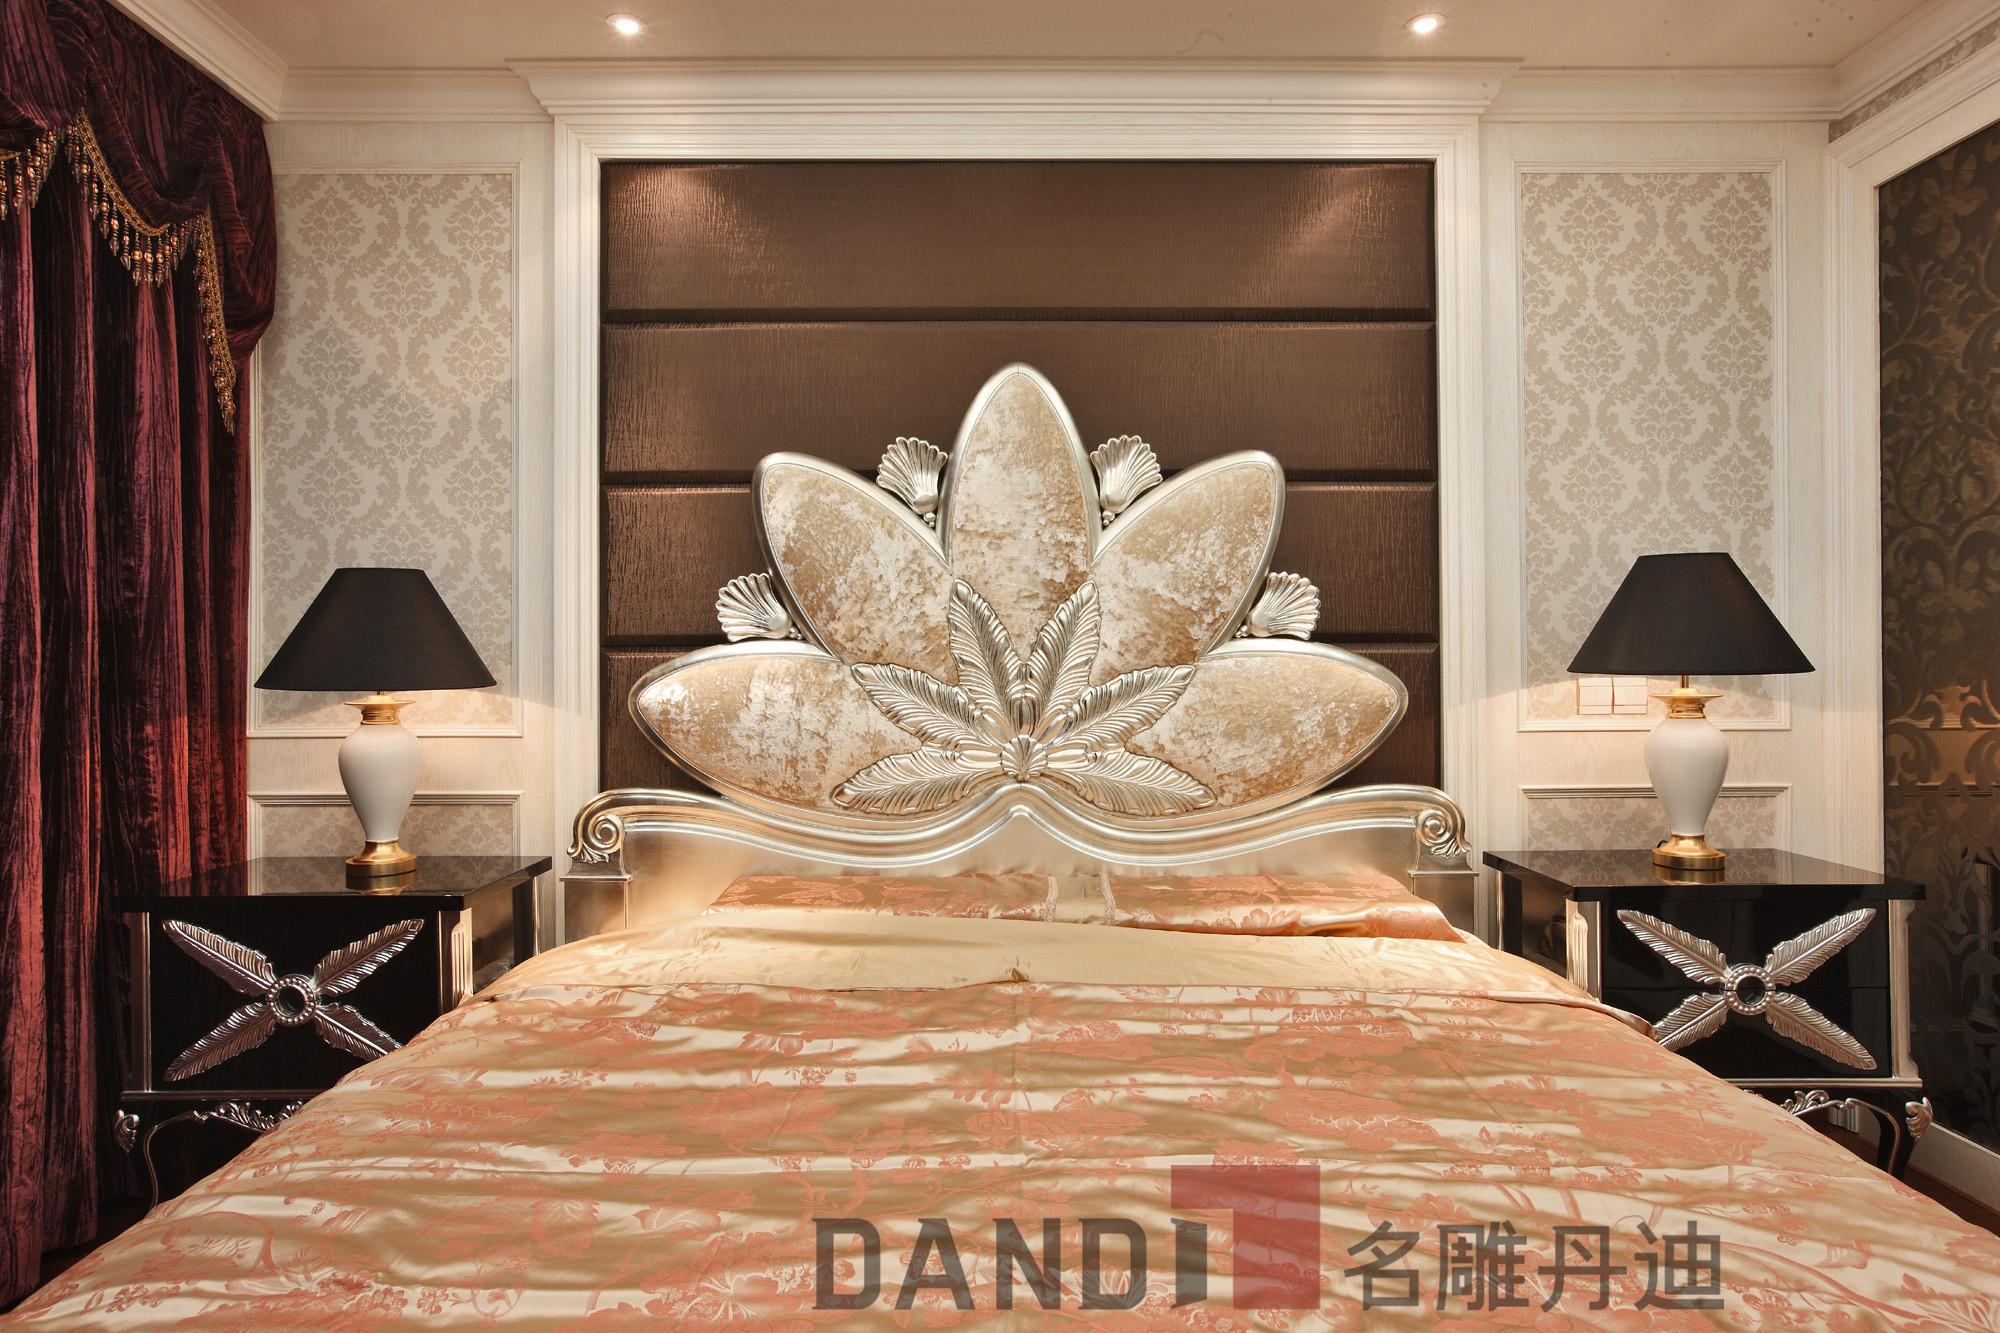 简约 欧式 田园 别墅 卧室图片来自名雕丹迪在万科璞悦山800平米别墅装修的分享